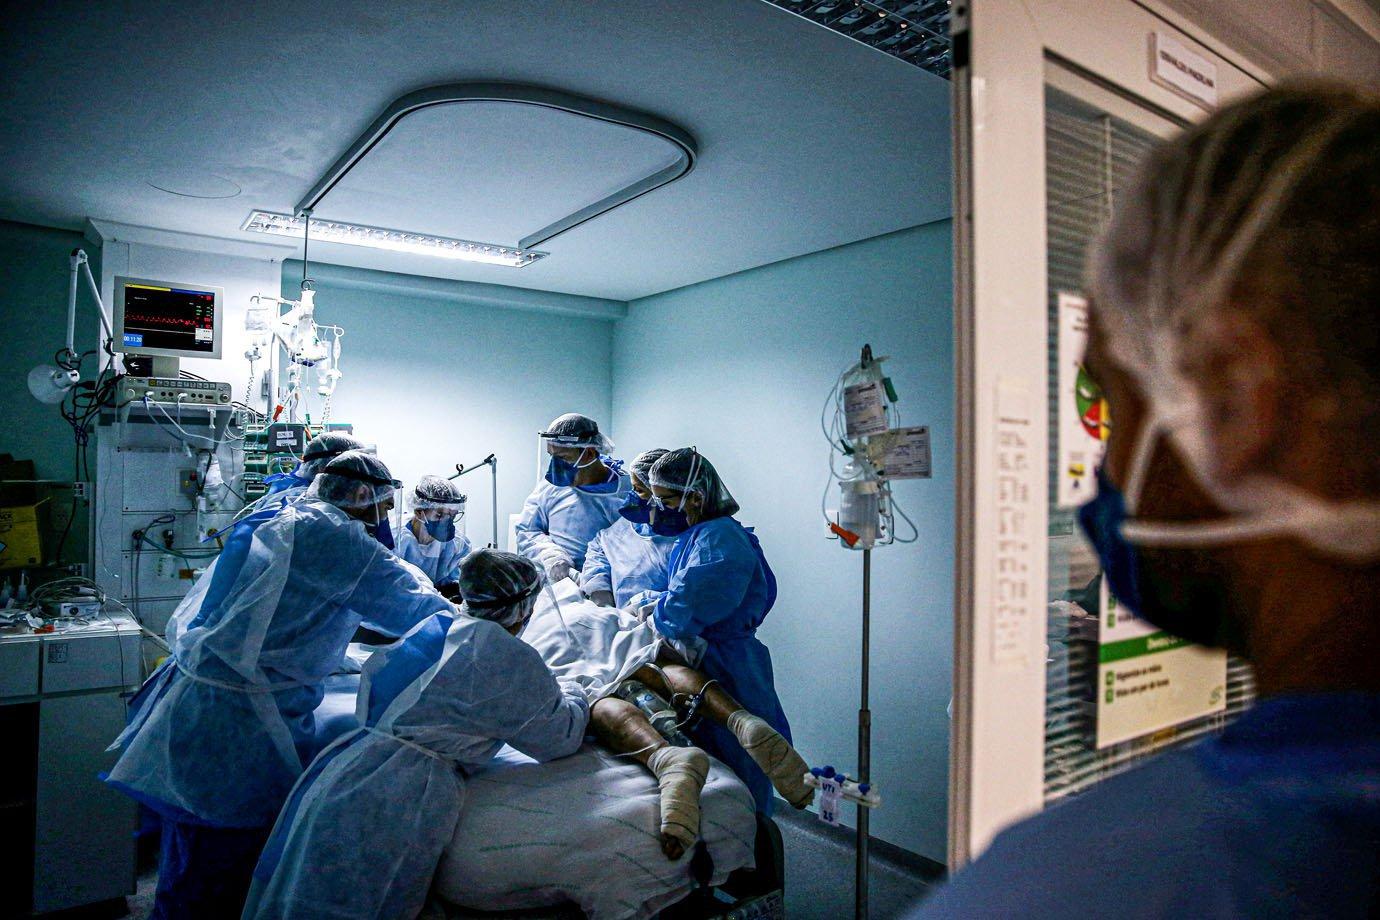 Brasil pode ter 4 mil mortes diárias pela covid-19 no fim de abril | Exame